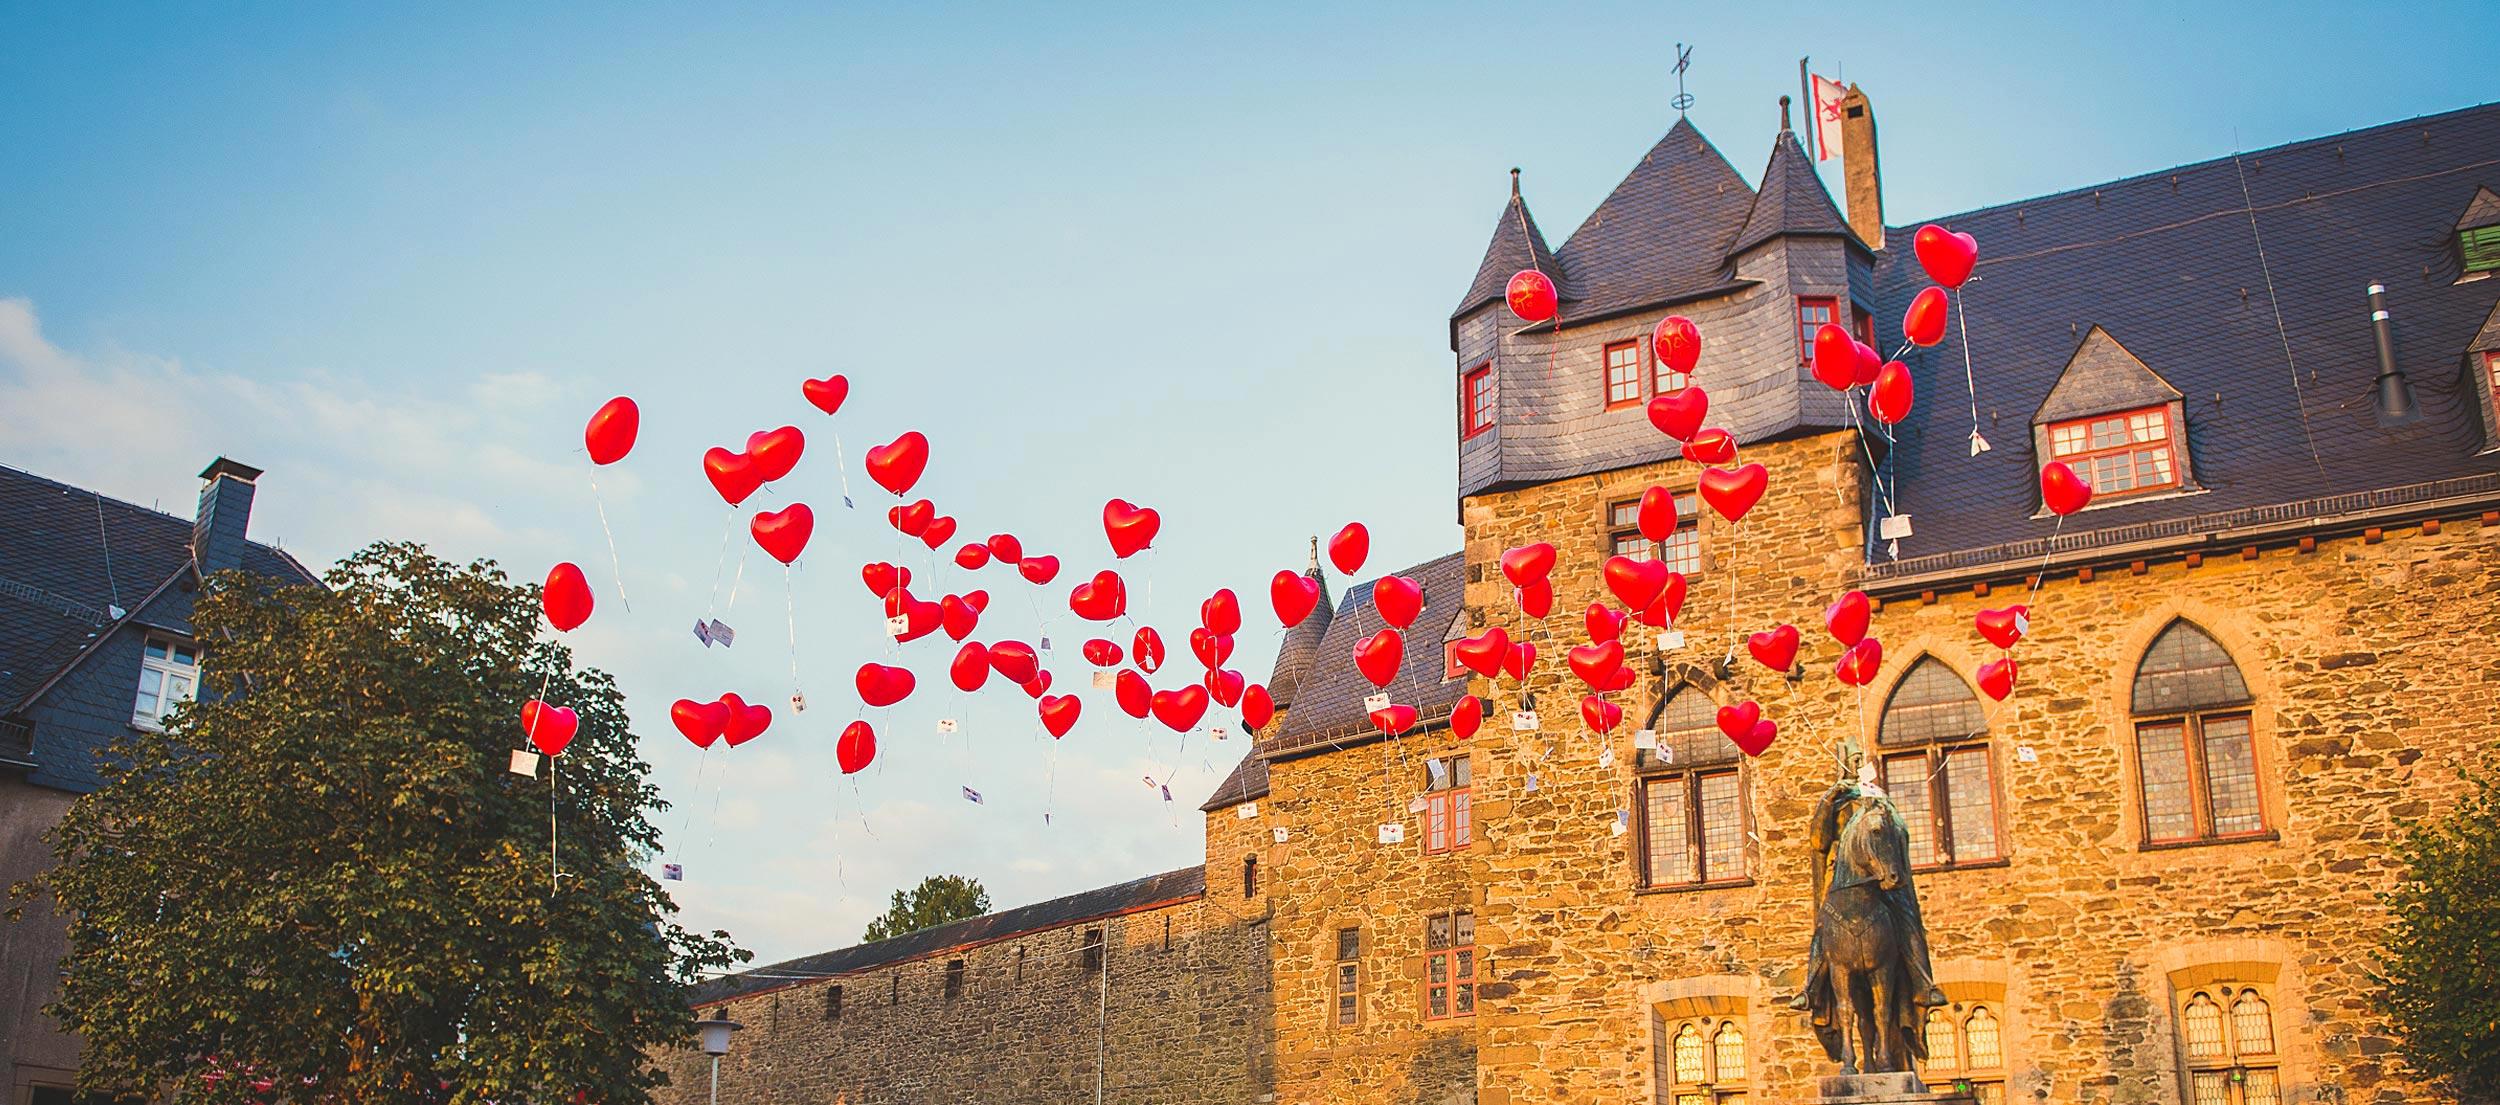 Schloss Burg Hochzeitsfeier mit Herzballons